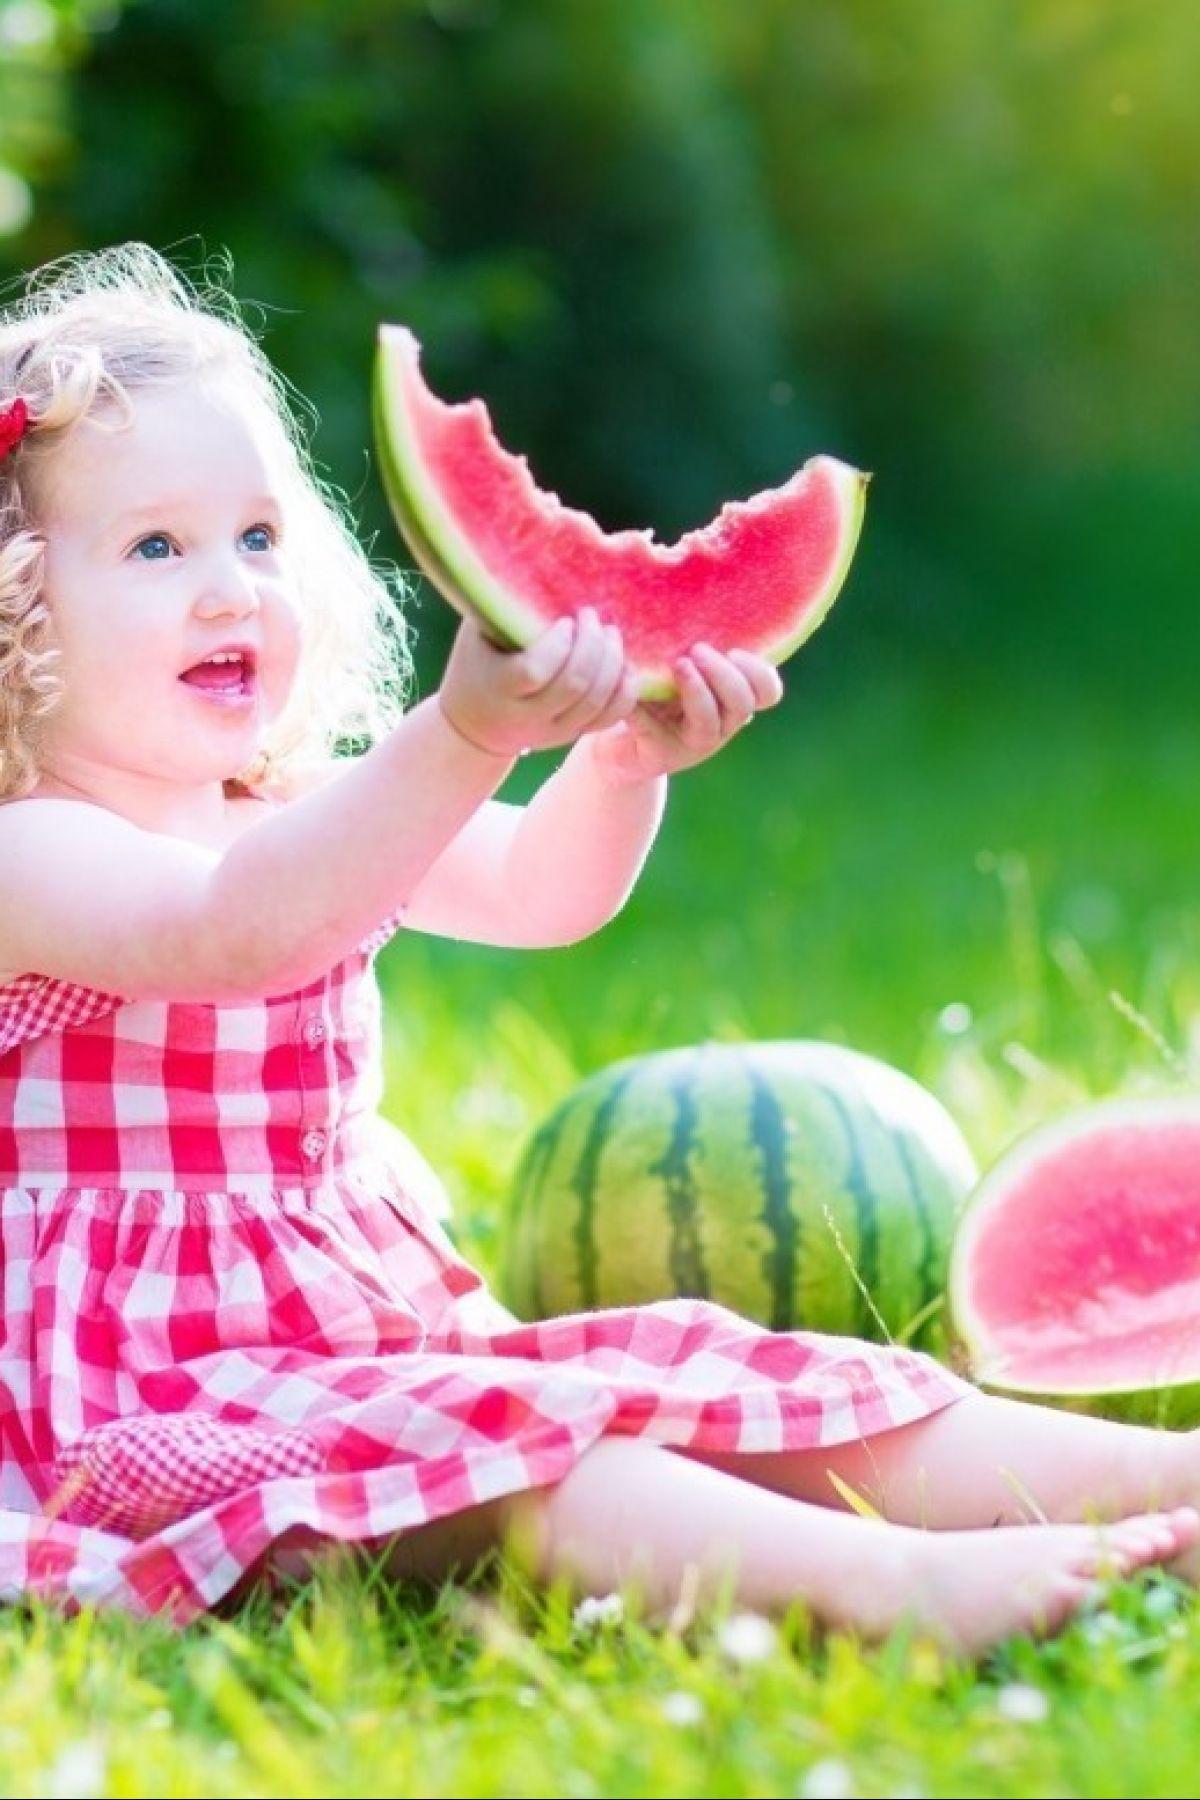 Lubenica je odlična užina koja pozitivno utiče na zdravlje dece